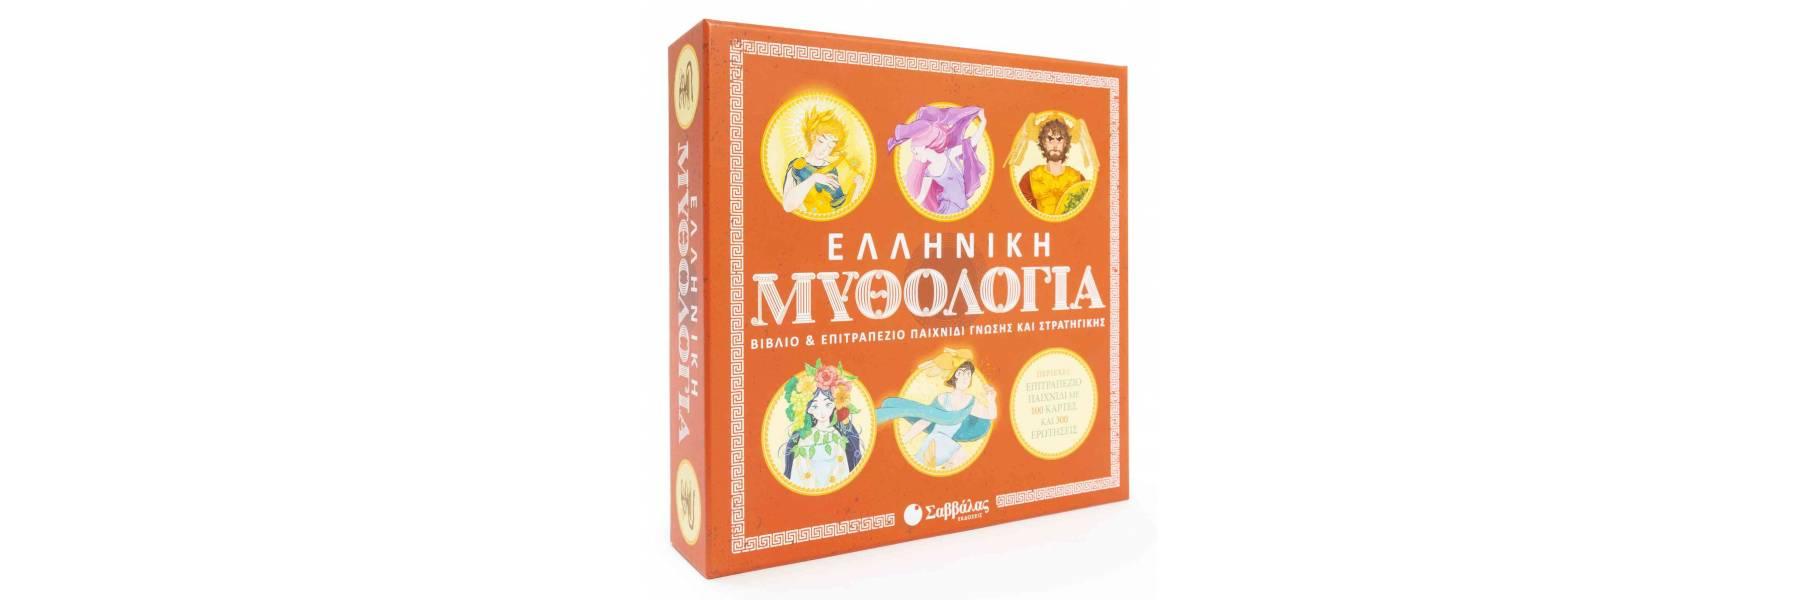 Ελληνική Μυθολογία!Μαθαίνεις...διασκεδάζοντας!!